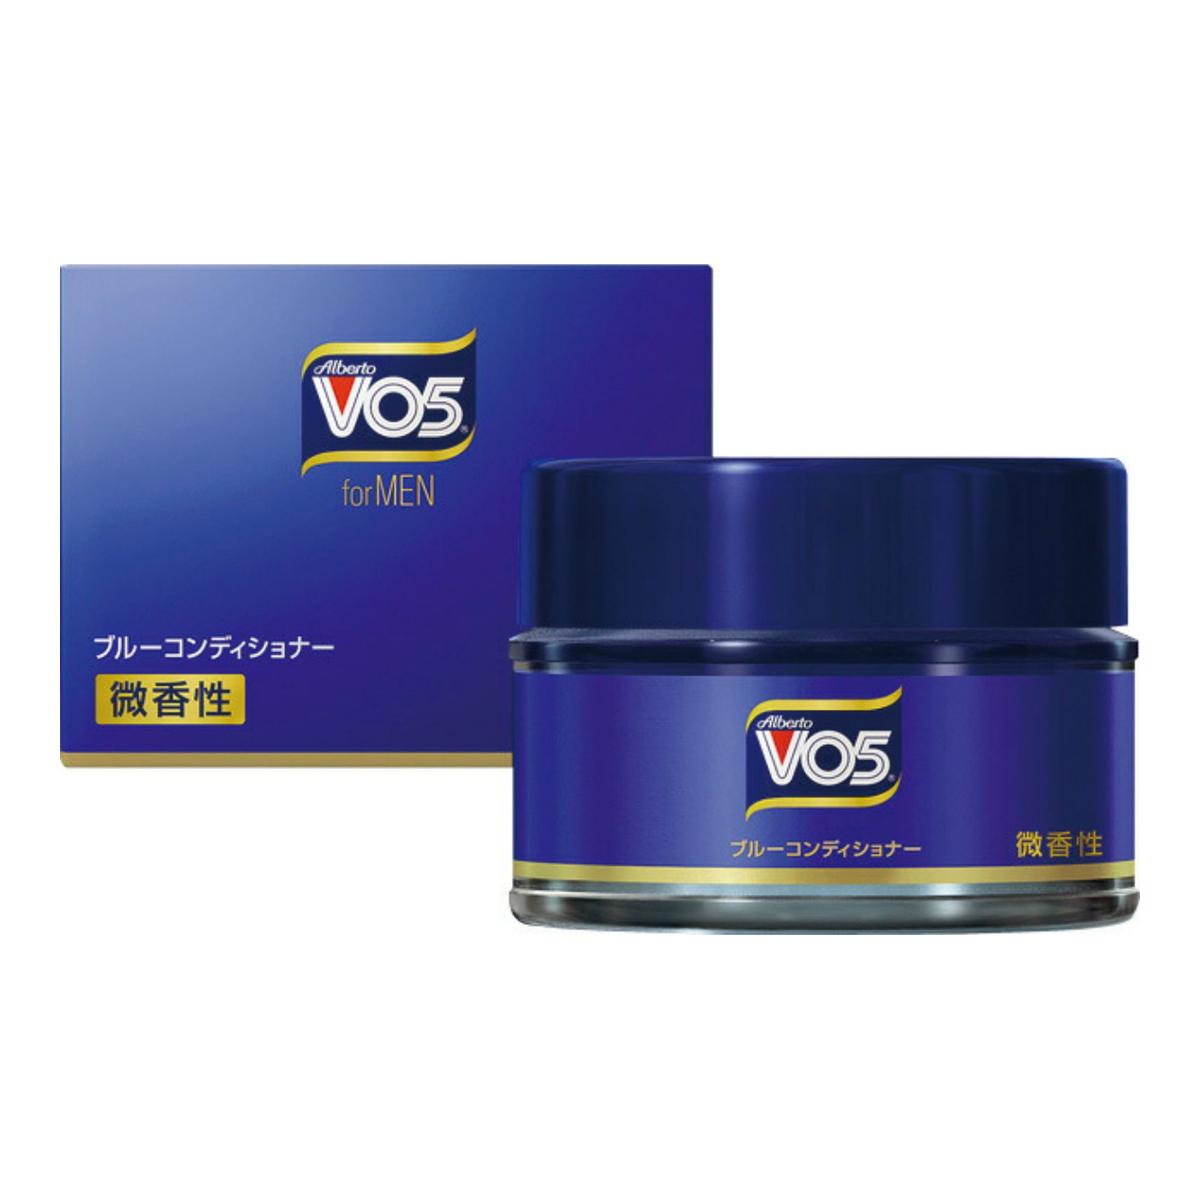 【10点セットで送料無料】VO5 for MEN ブルーコンディショナー微香性 85g×10点セット ★まとめ買い特価! ( 4901616300156 )